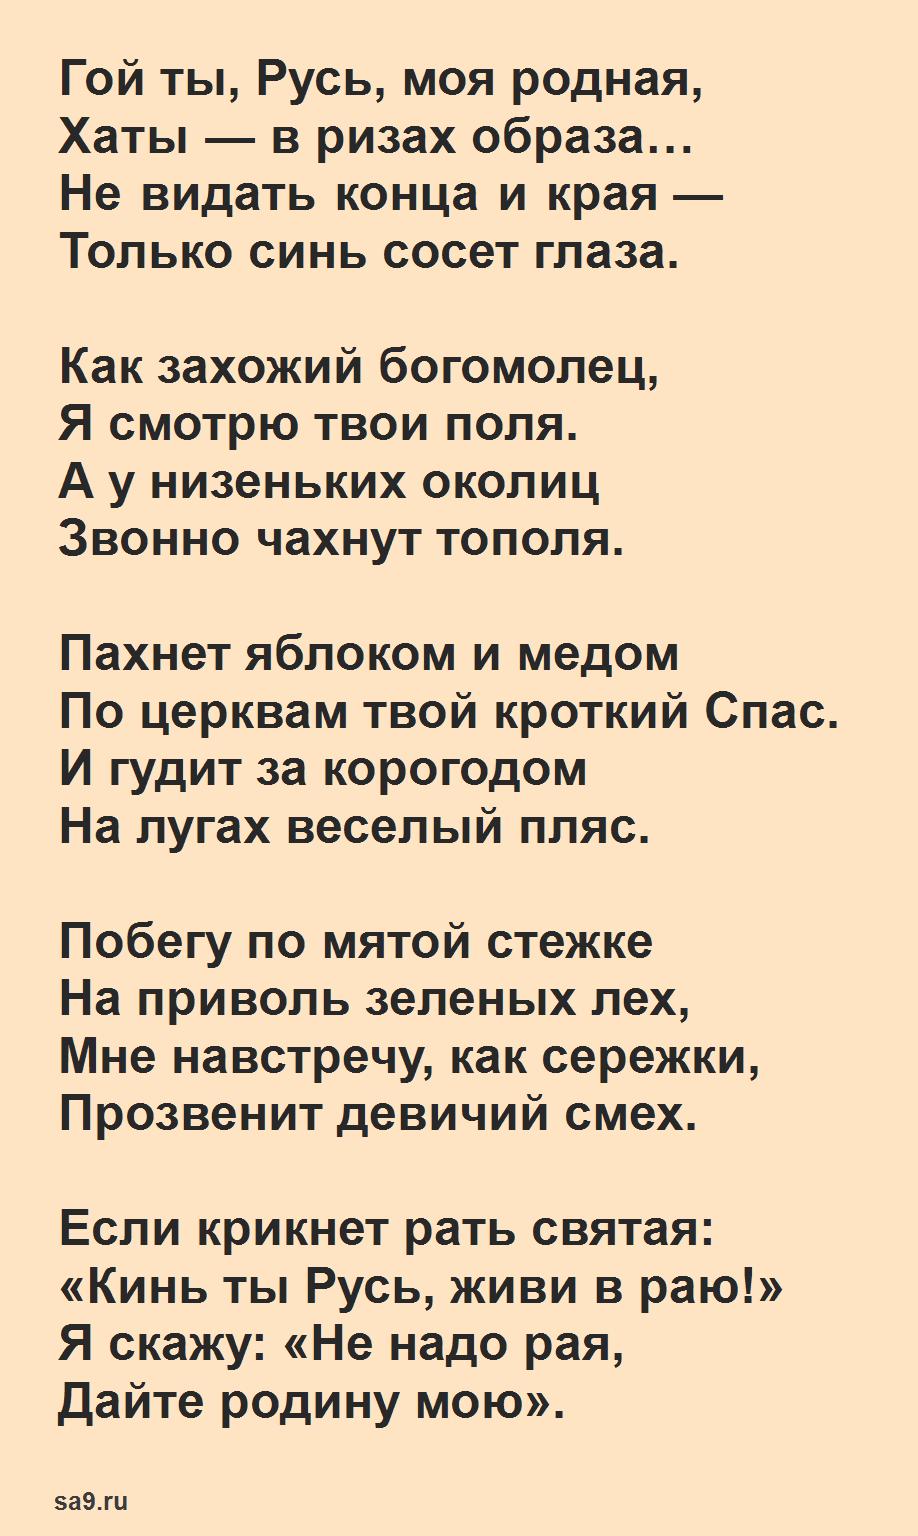 Есенин стихи о Родине - Гой ты Русь моя родная